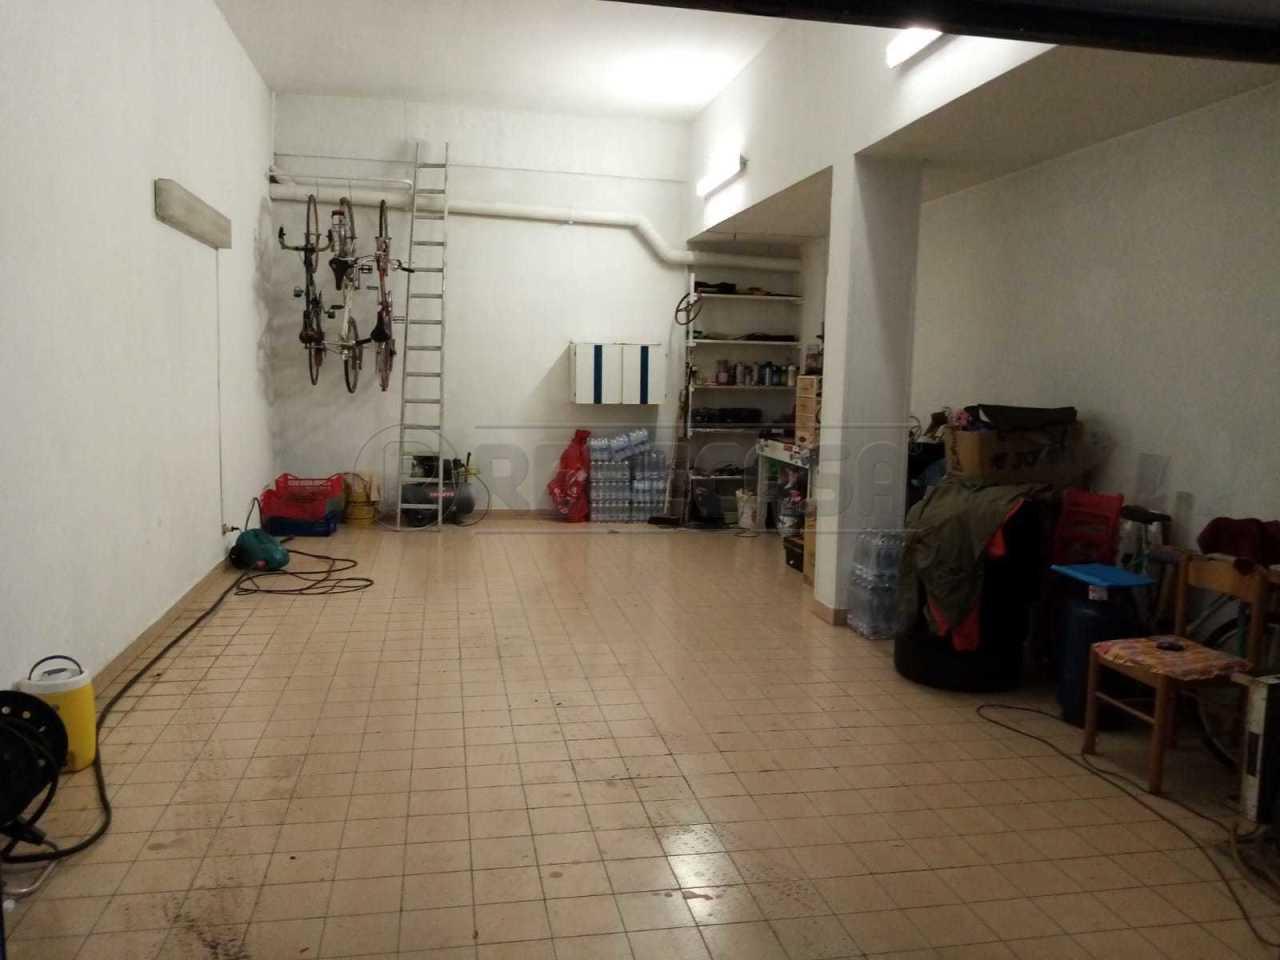 Soluzione Indipendente in vendita a Alberobello, 1 locali, prezzo € 40.000   CambioCasa.it